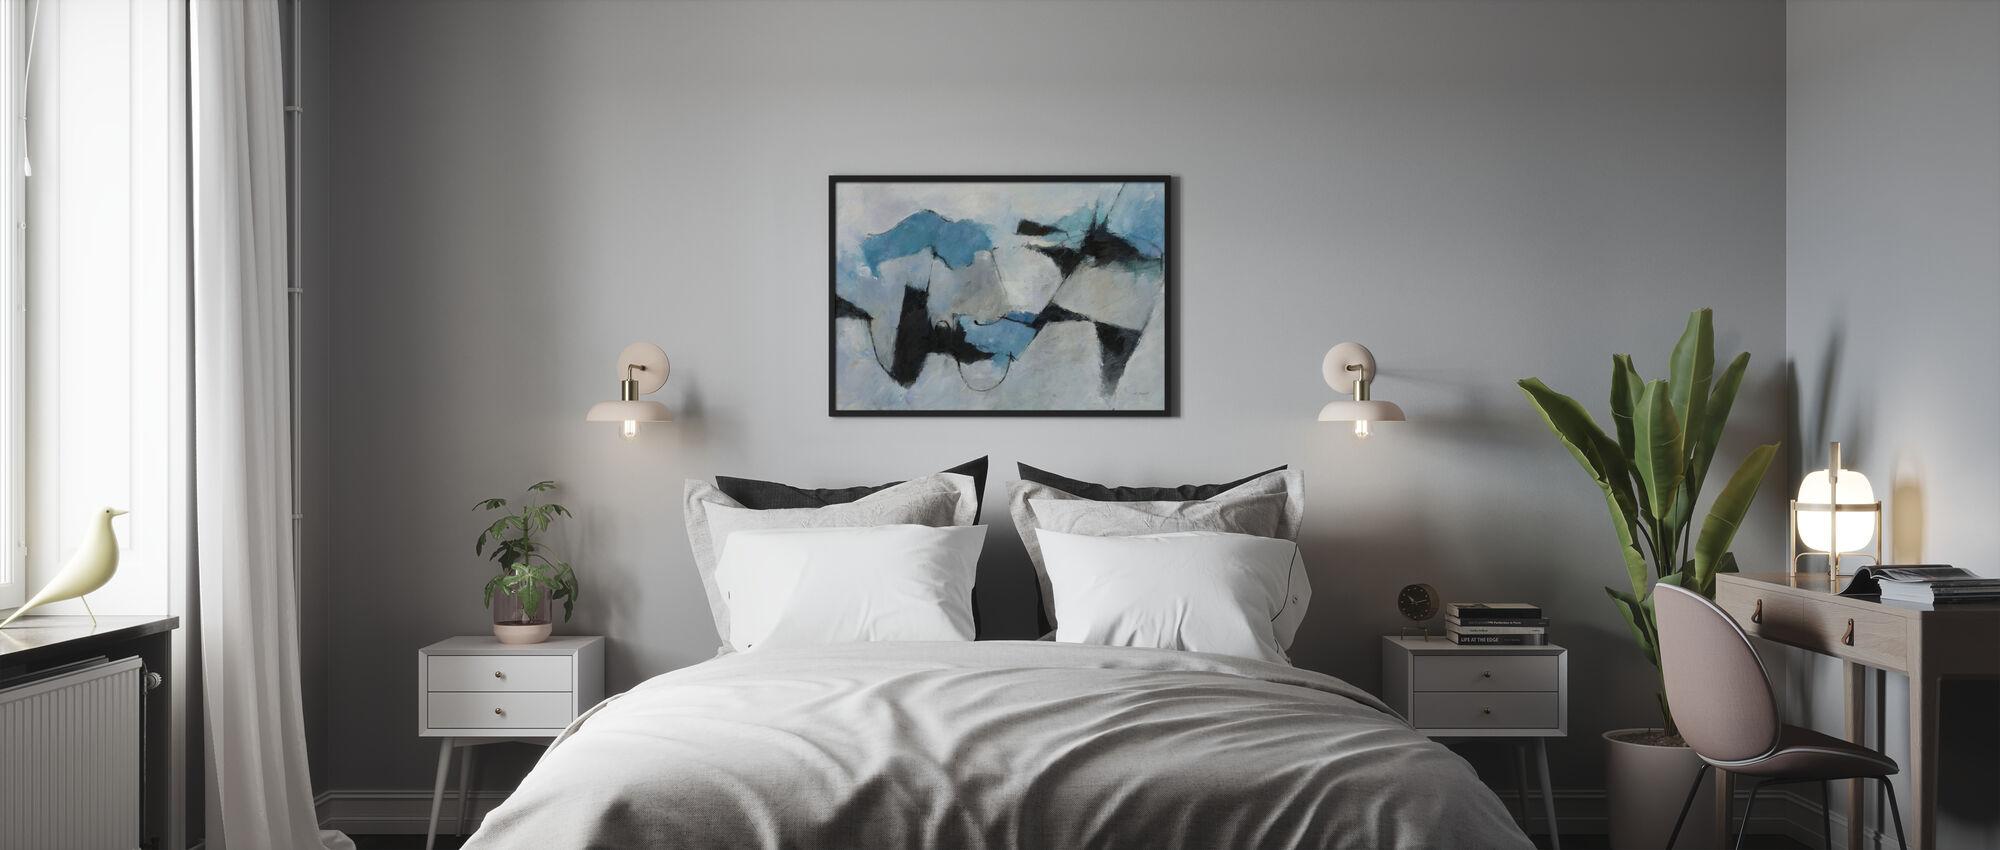 Shadow of Winter - Poster - Bedroom